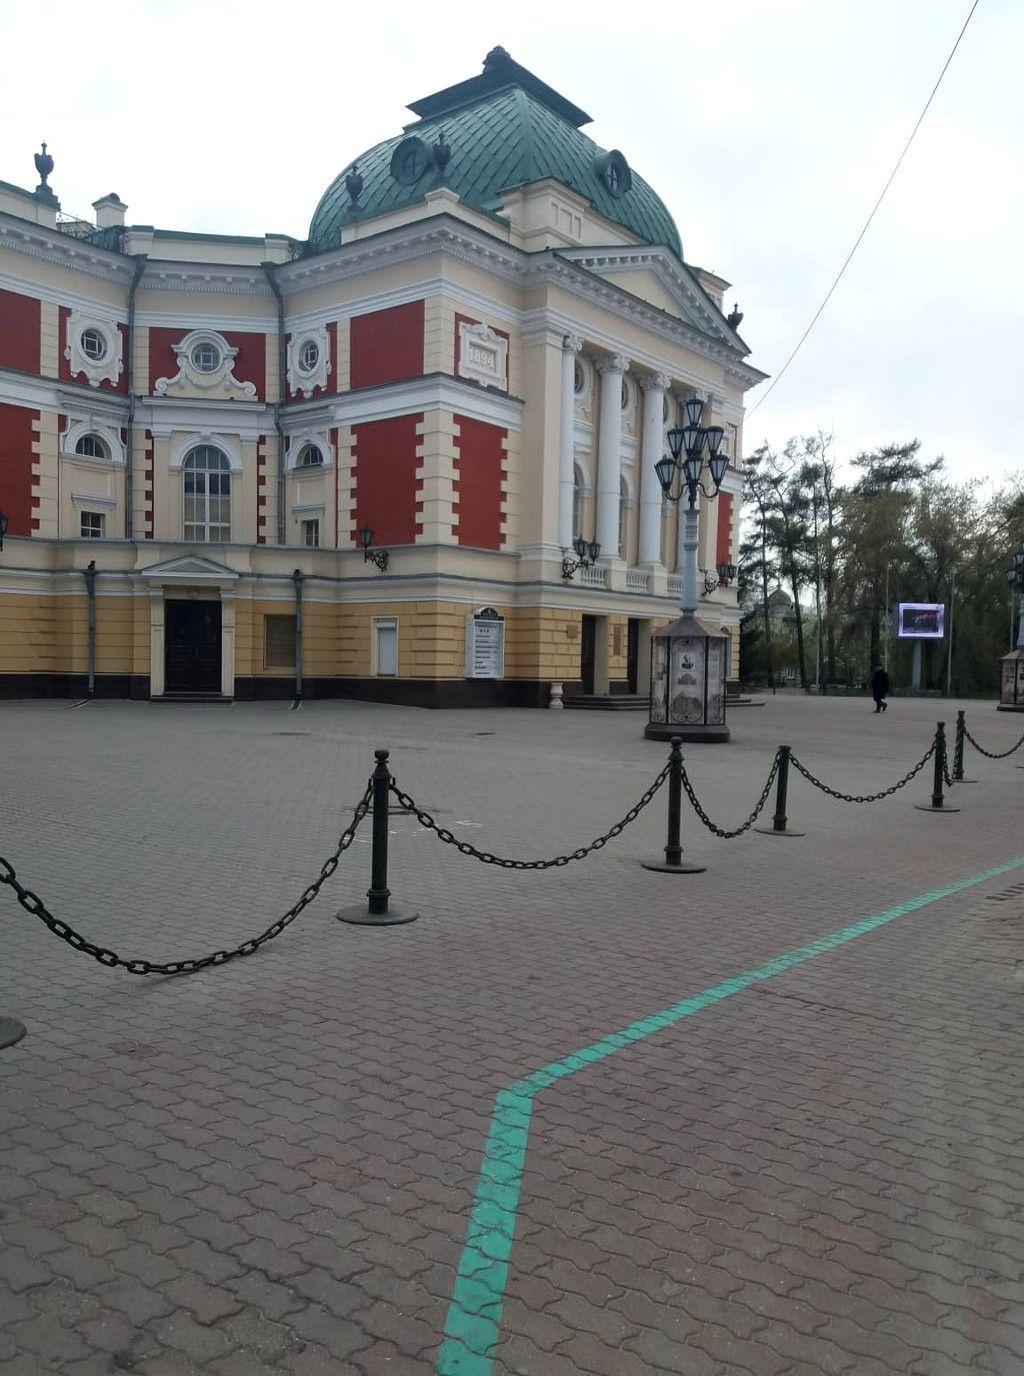 Das Okhlopkow Drama Theater an der grünen Linie in Irkutsk